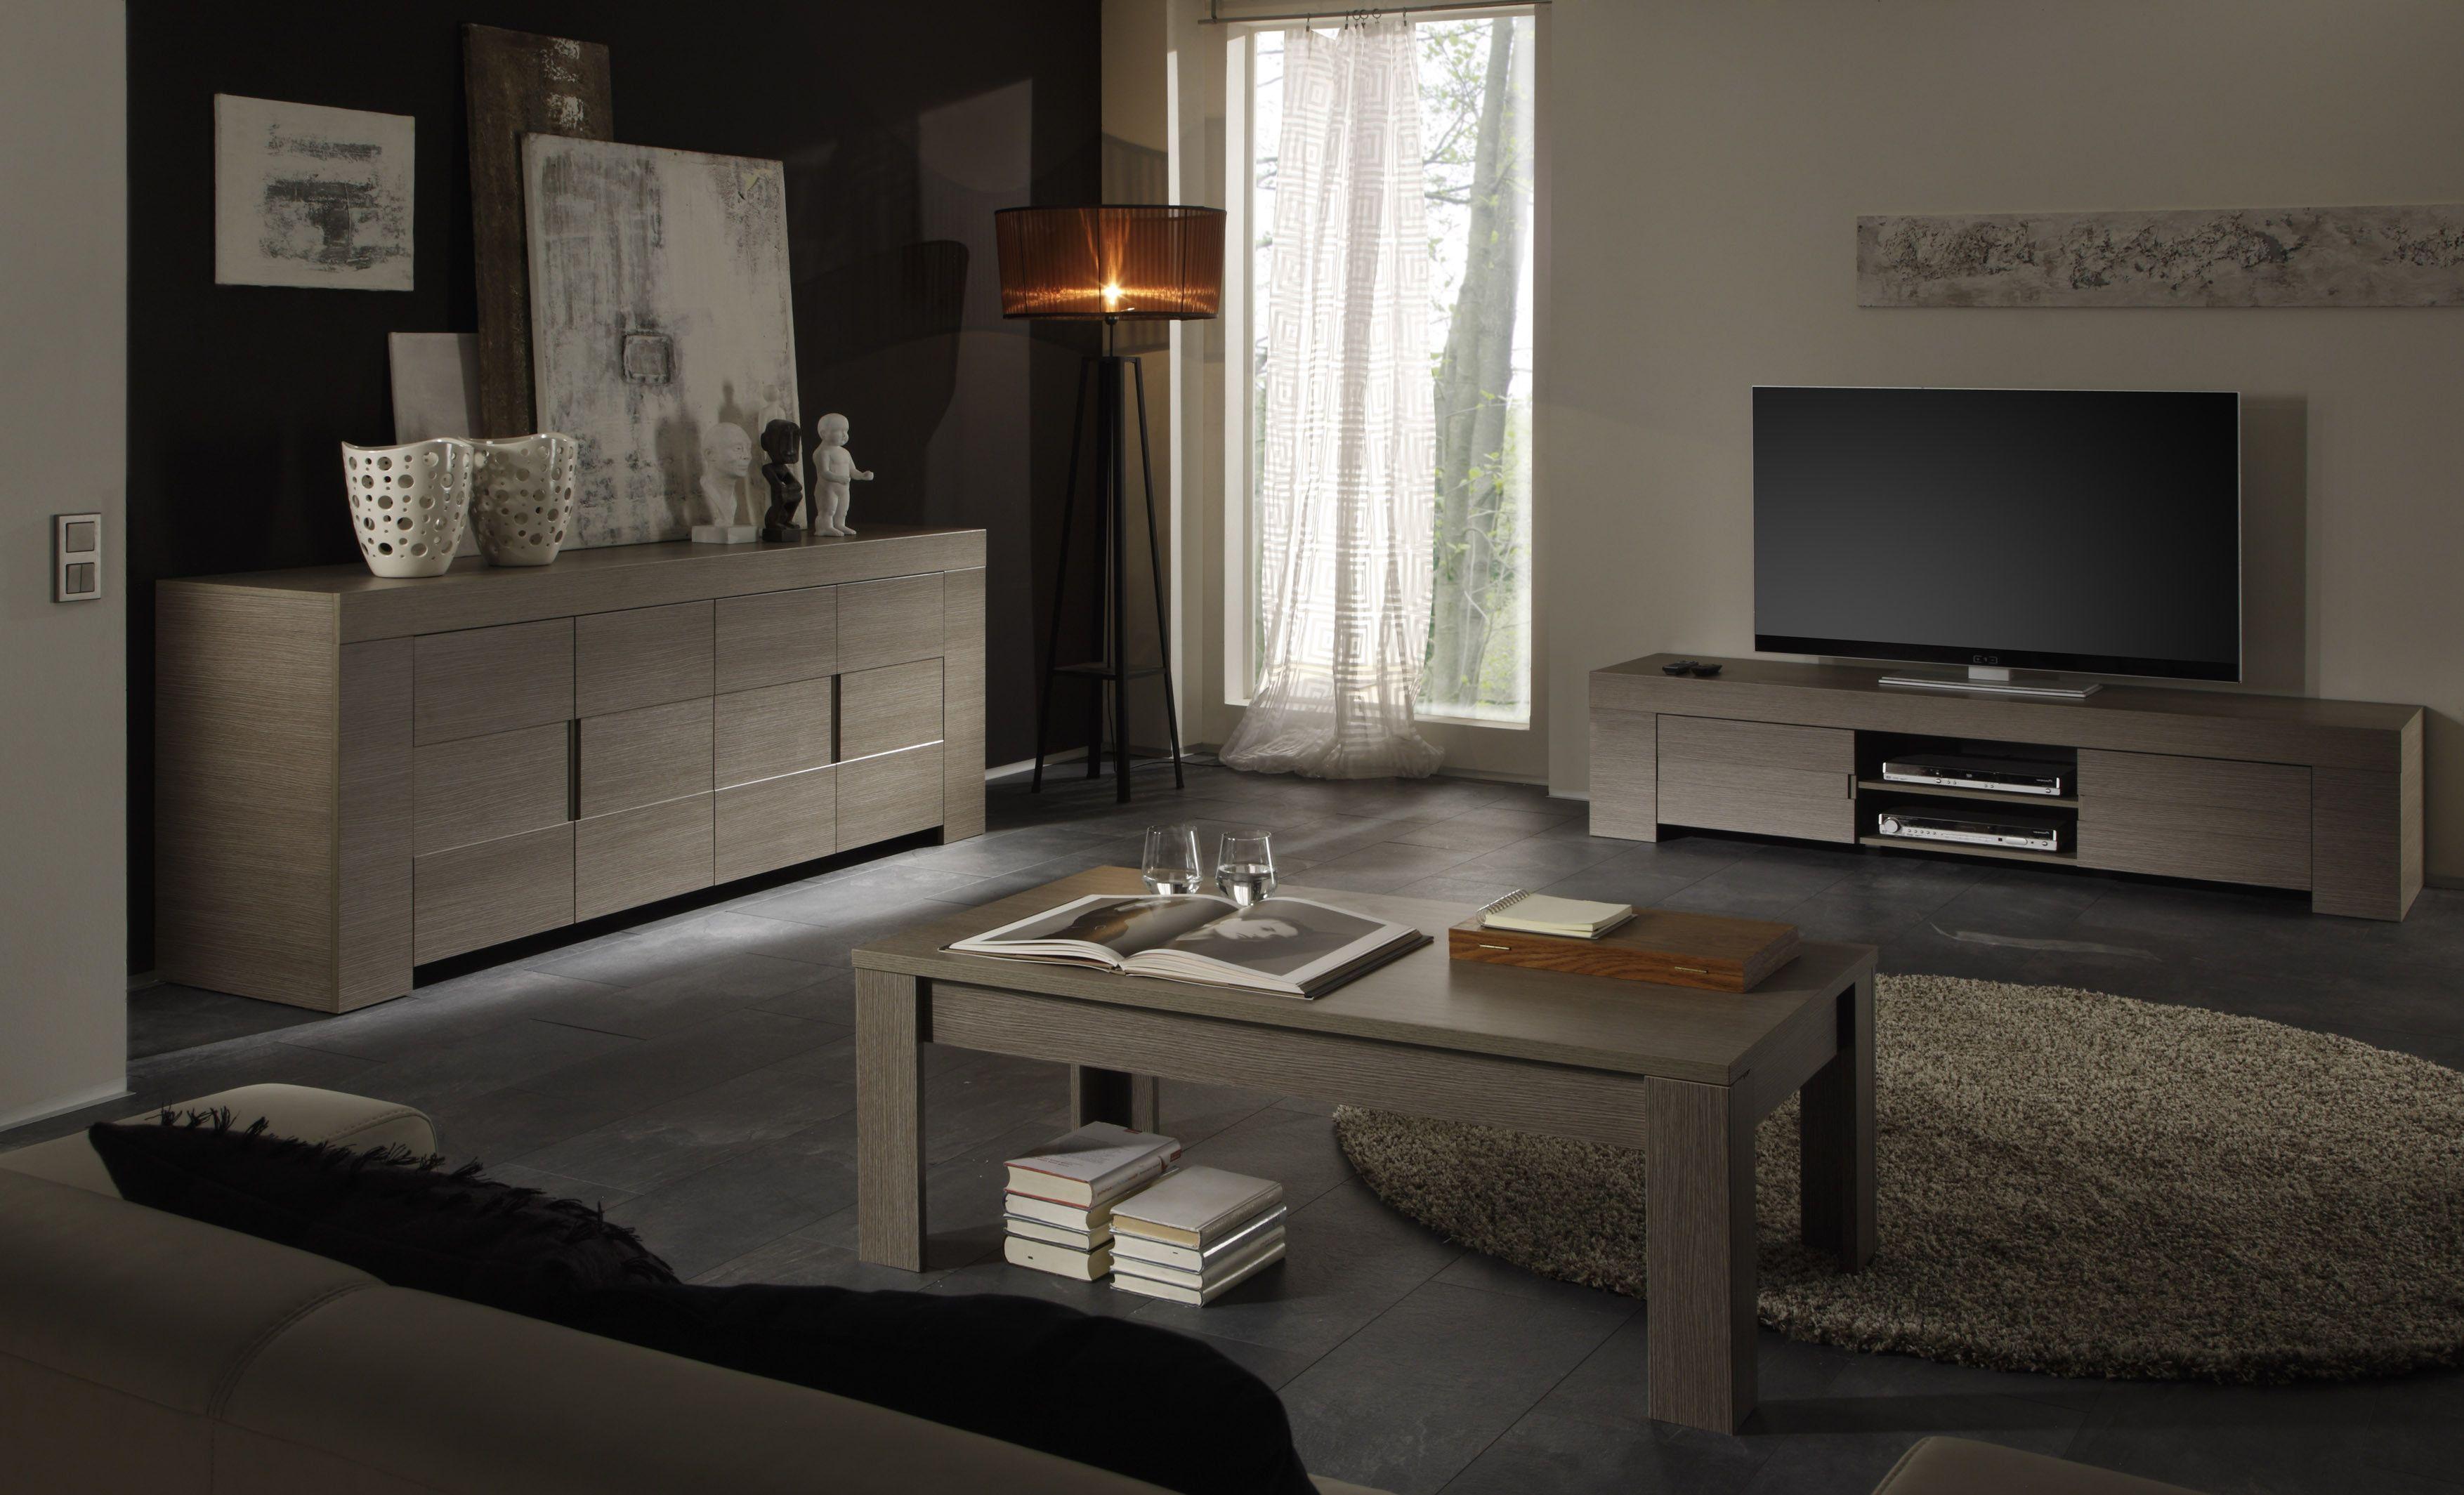 Wohnzimmer Eiche Grau Melamin Woody 12-00550 modern Jetzt bestellen ...